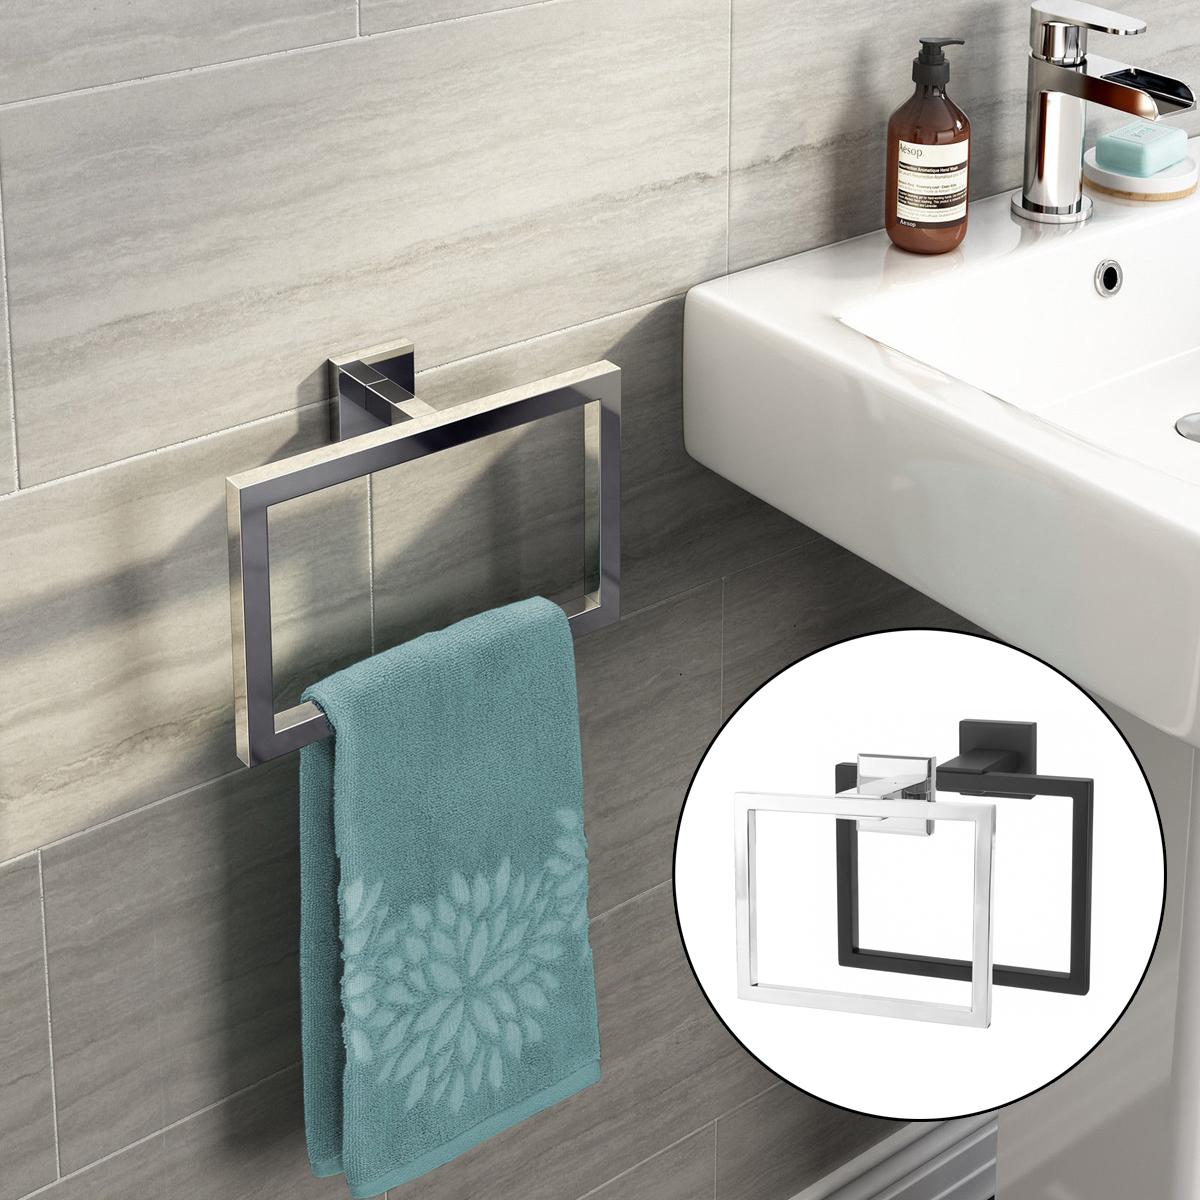 Хром Современный Ванная комната Аксессуары для стен Квадрат Полотенце Стойка с кольцевым держателем